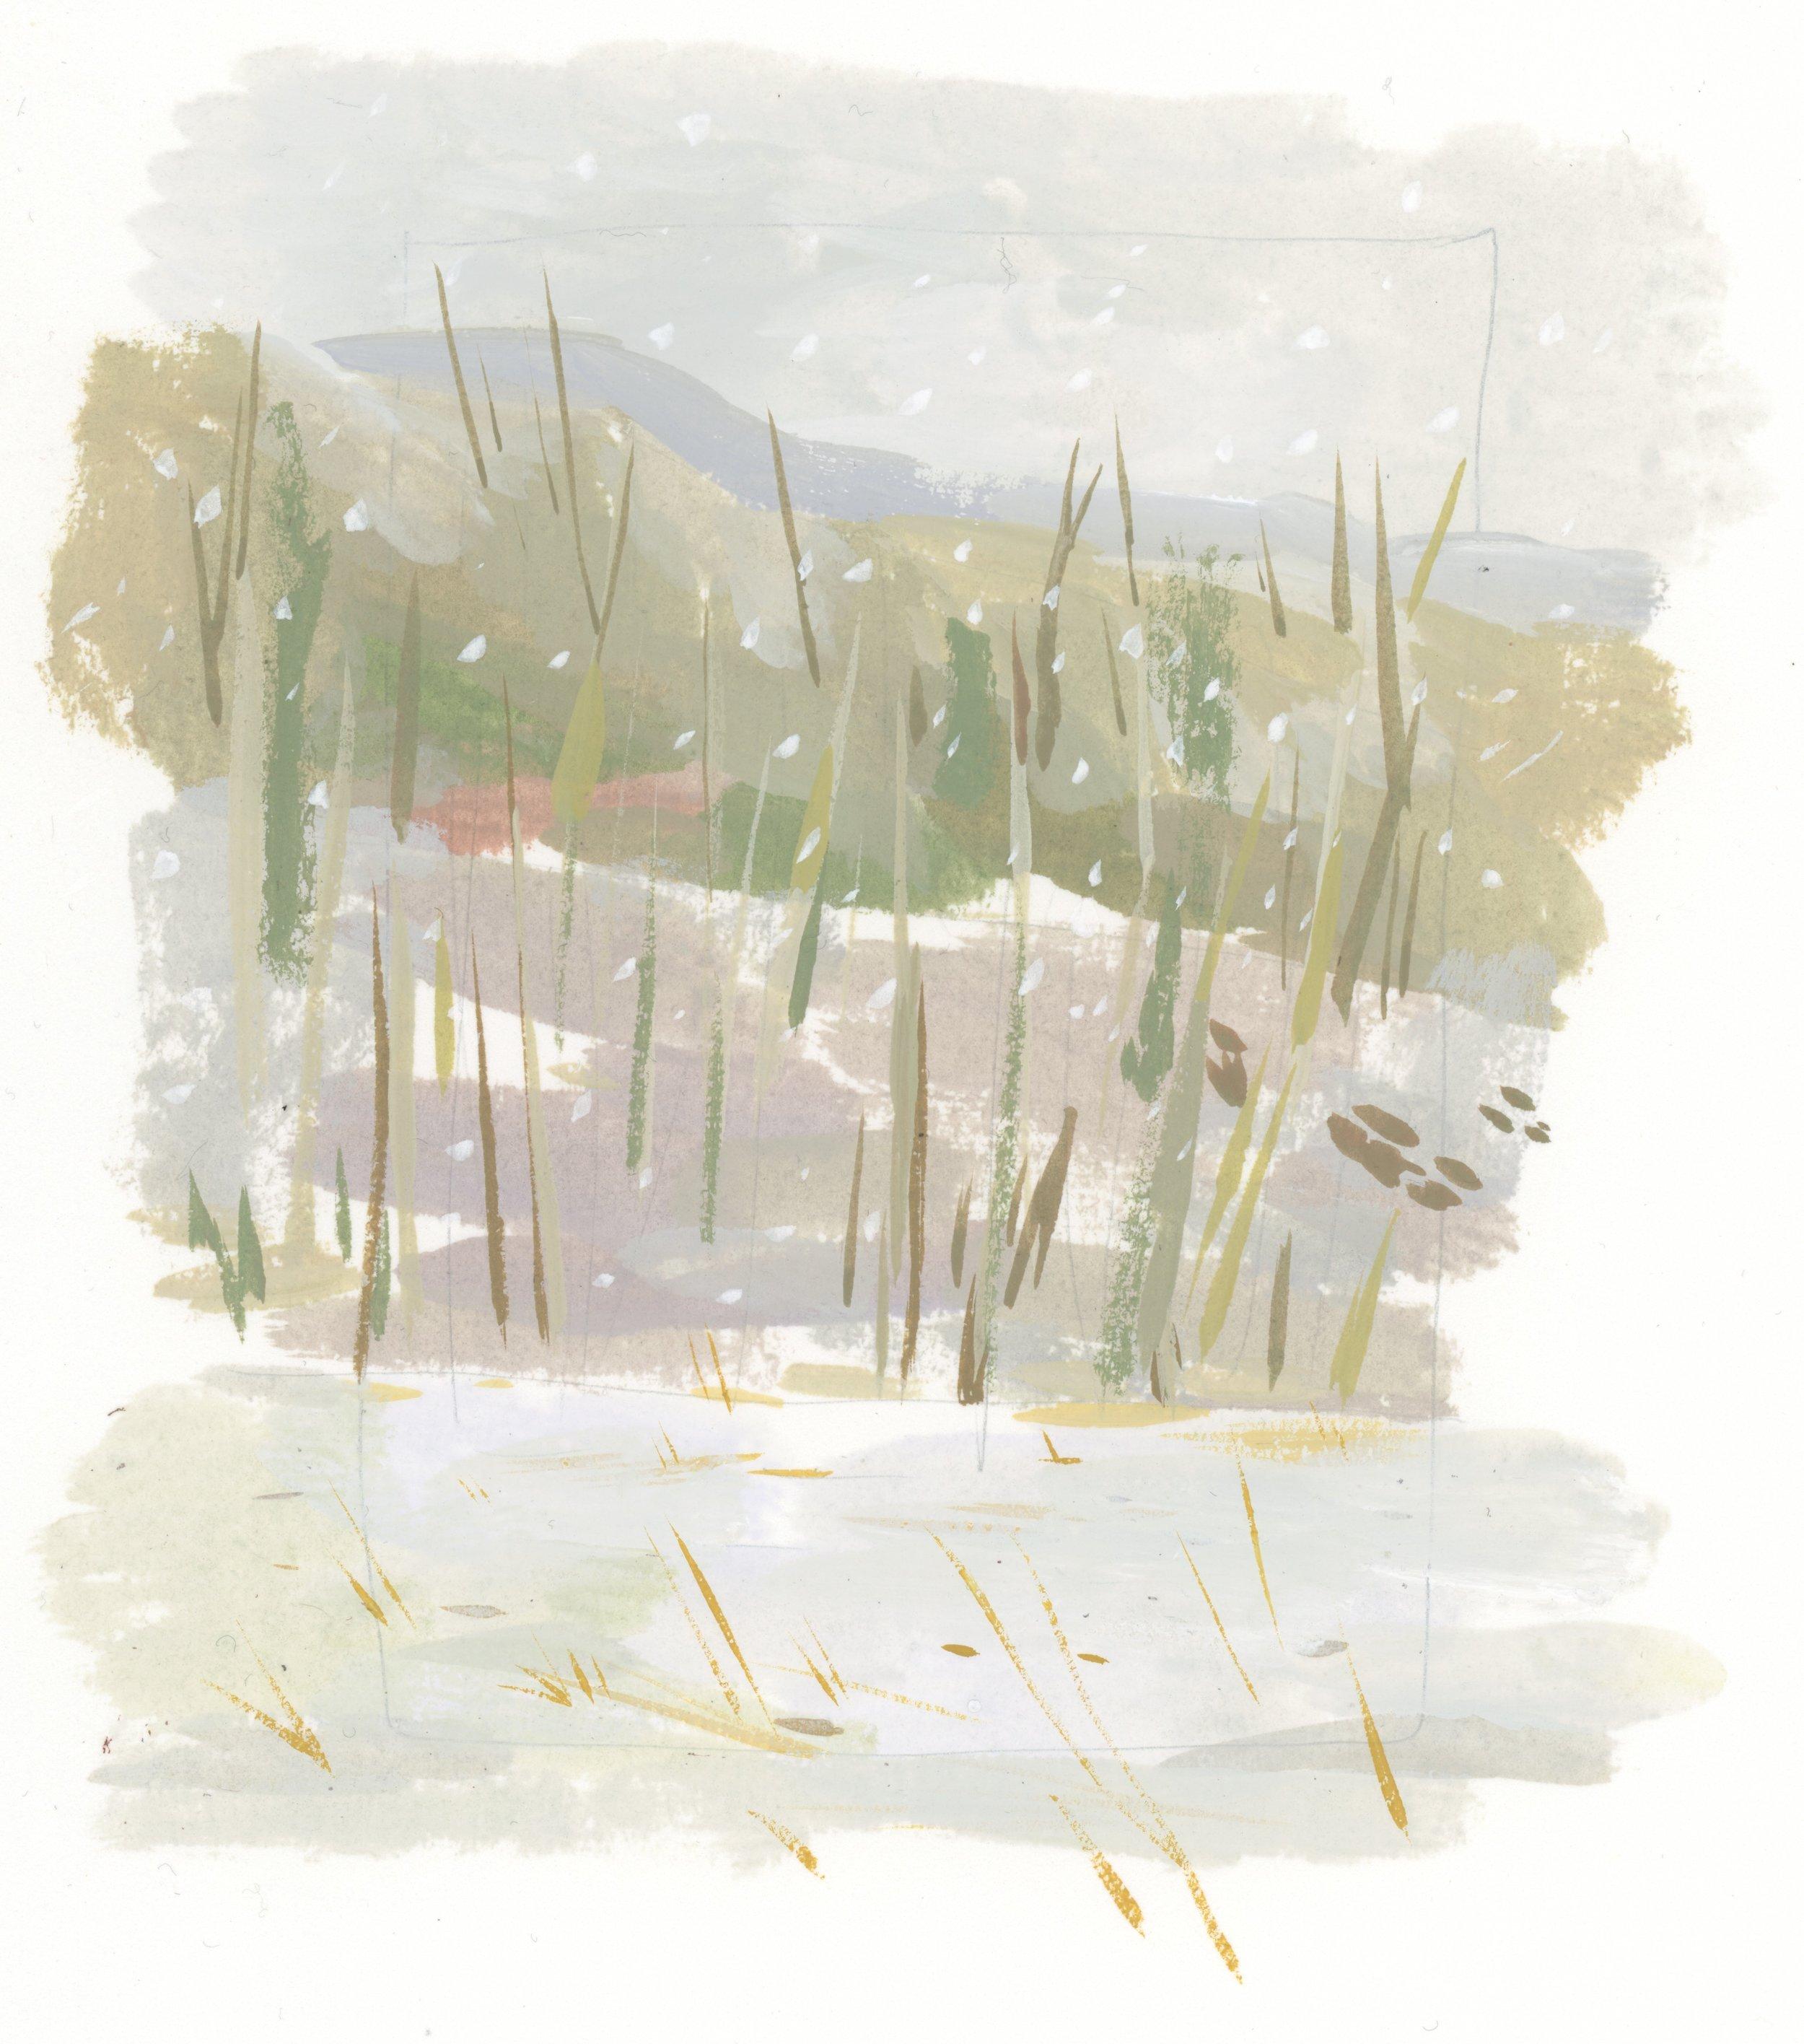 snow final scan 1.jpeg